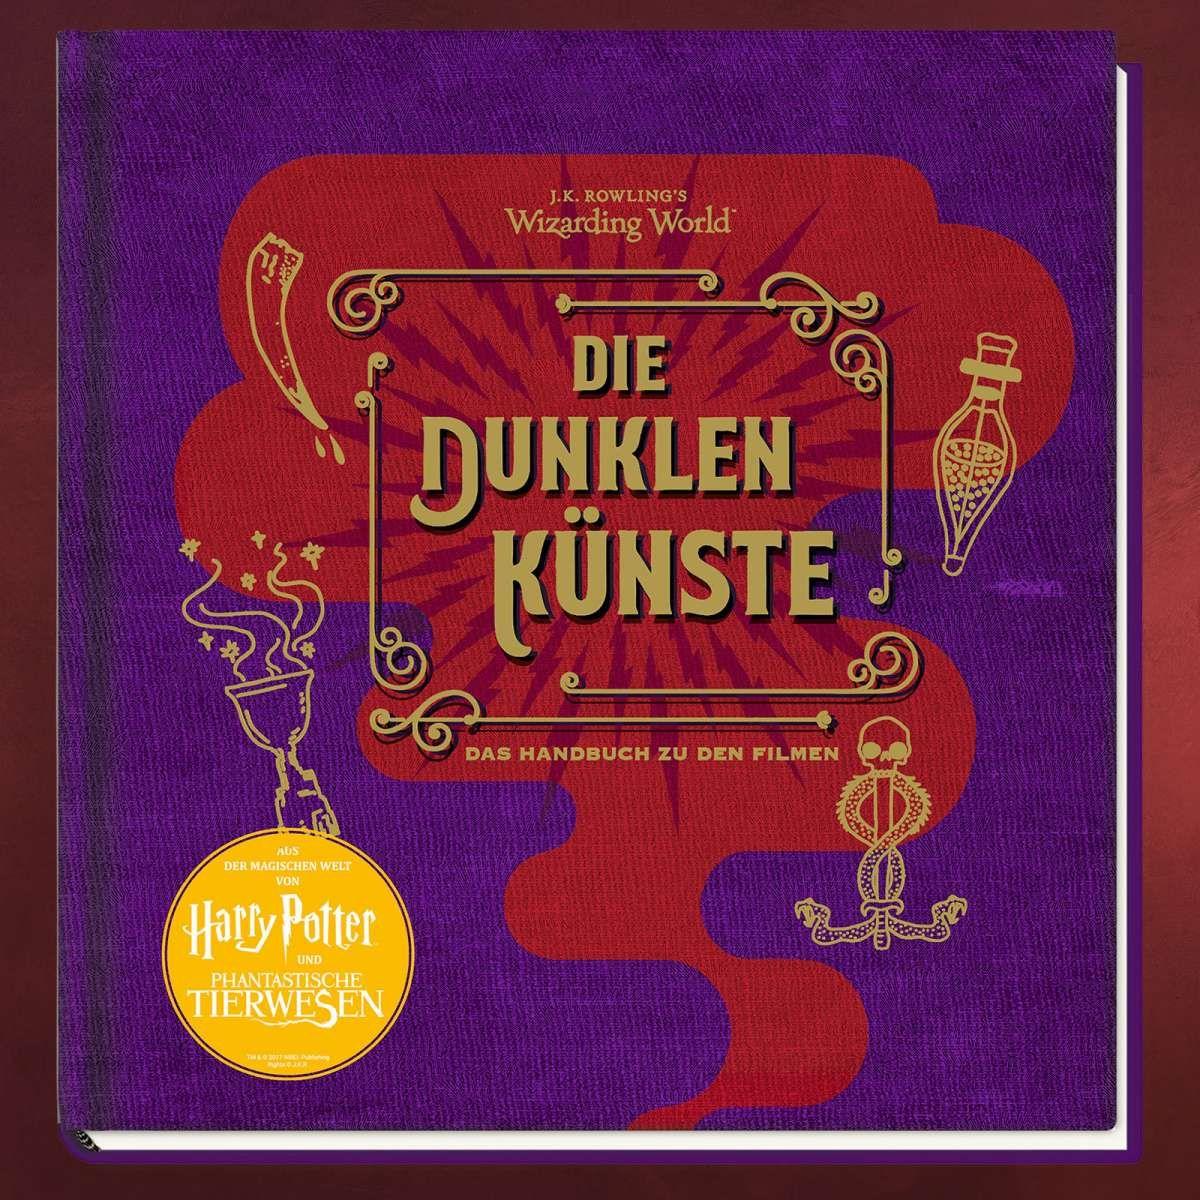 J K Rowlings Wizarding World Die Dunklen Kunste Dunkle Kunst Phantastische Tierwesen Bucher